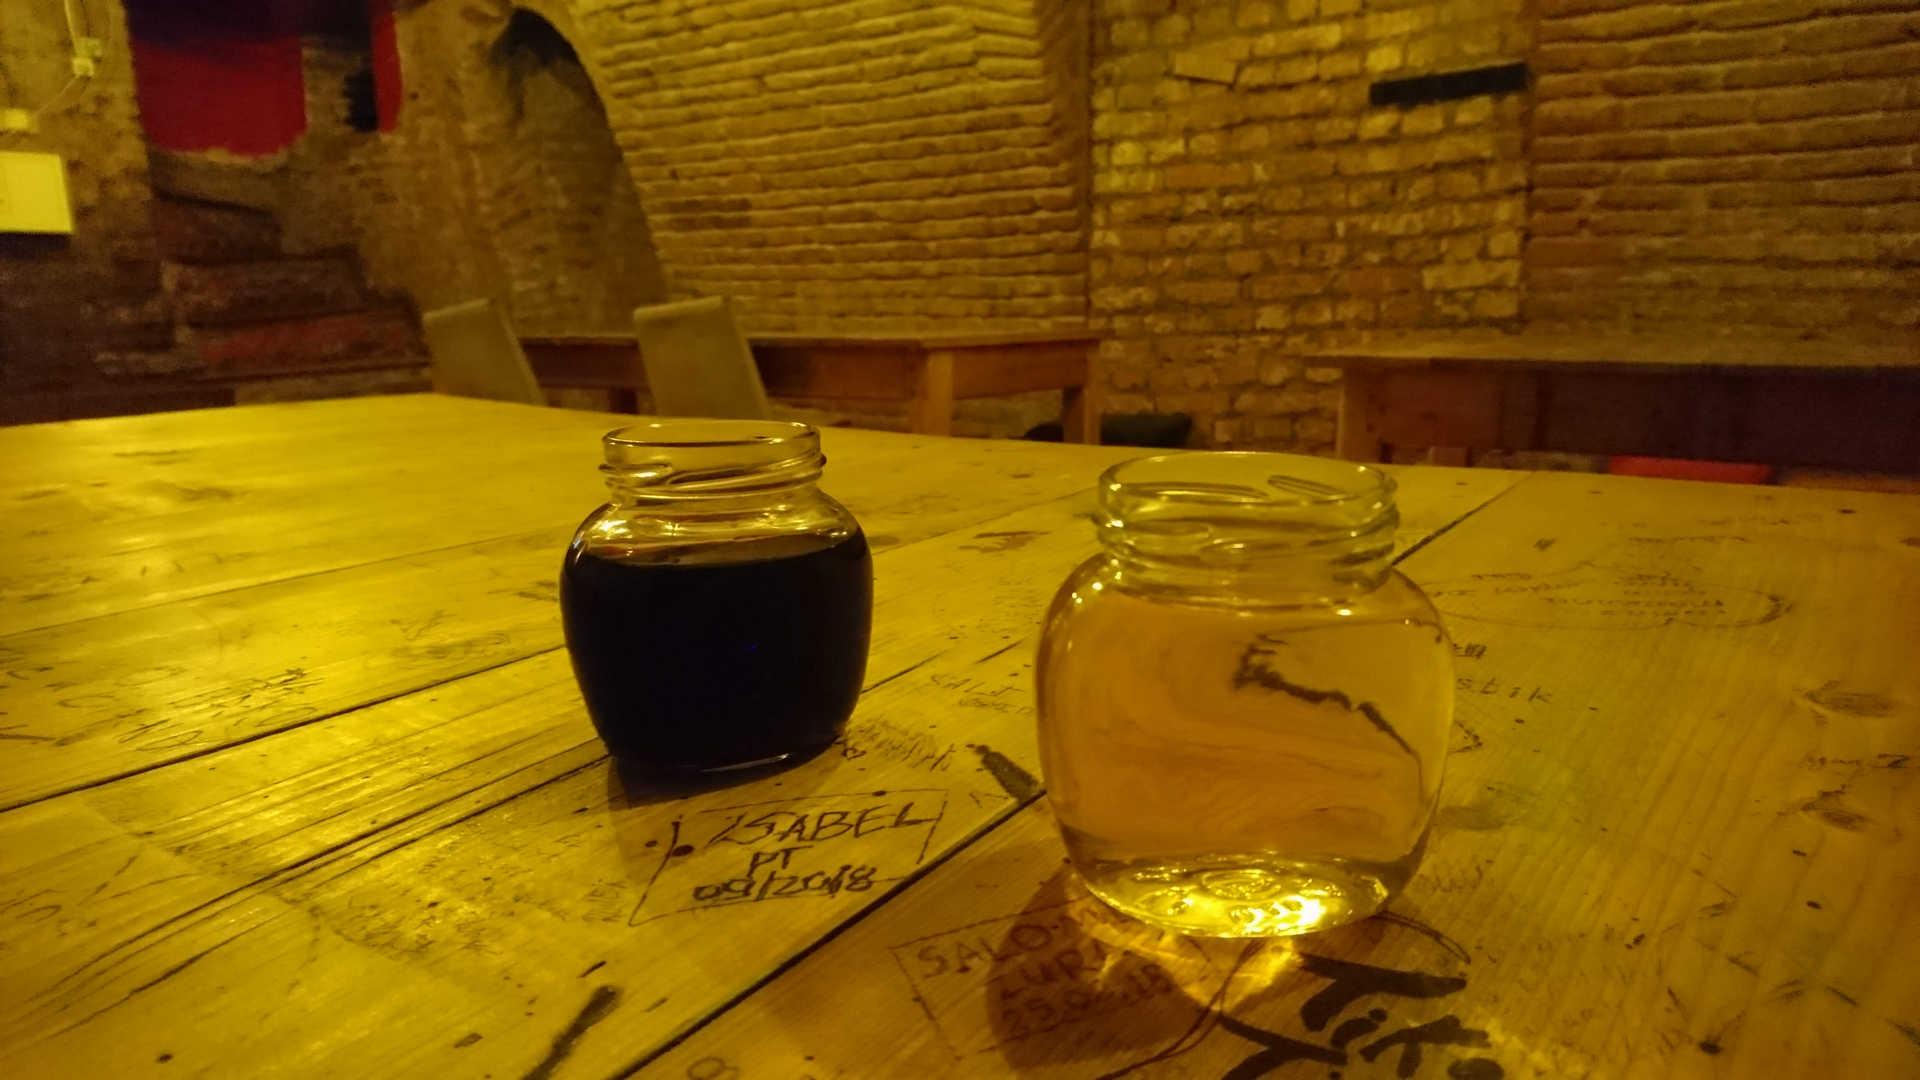 zwiedzanie Tbilisi - bar warszawa wino w słoikach